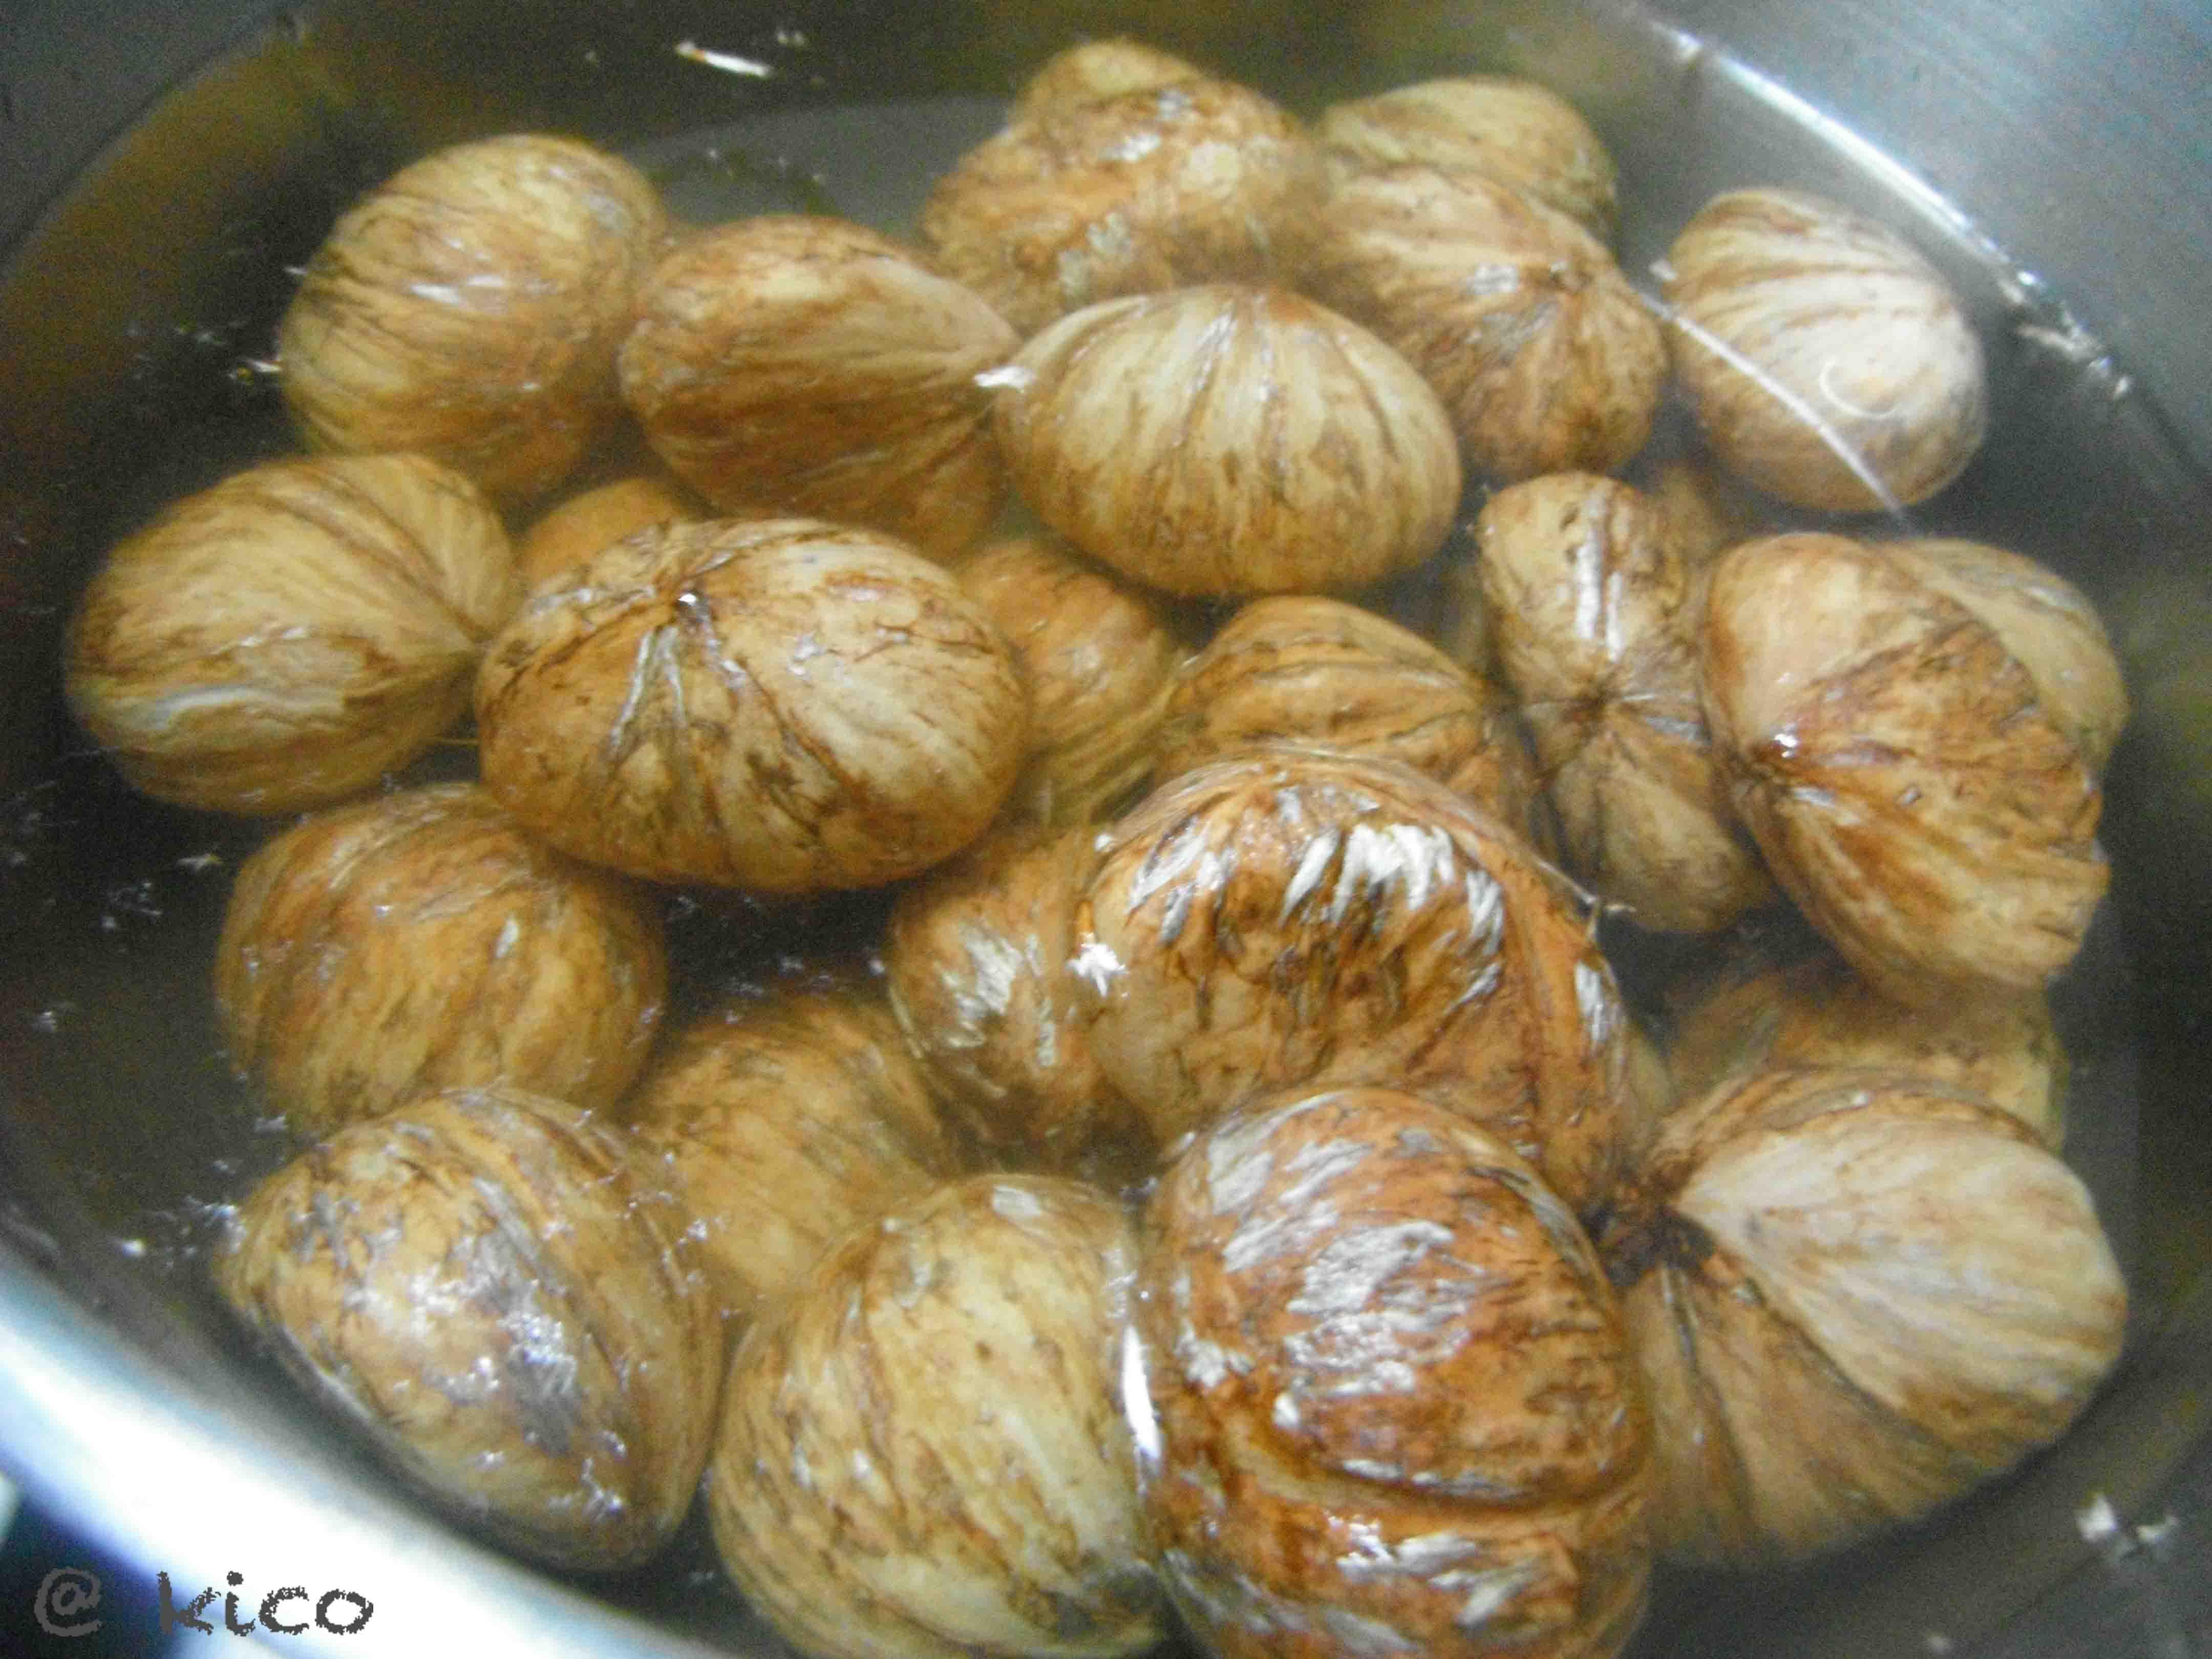 秋に作りたい!手間をかけておいしい栗の渋皮煮のレシピ